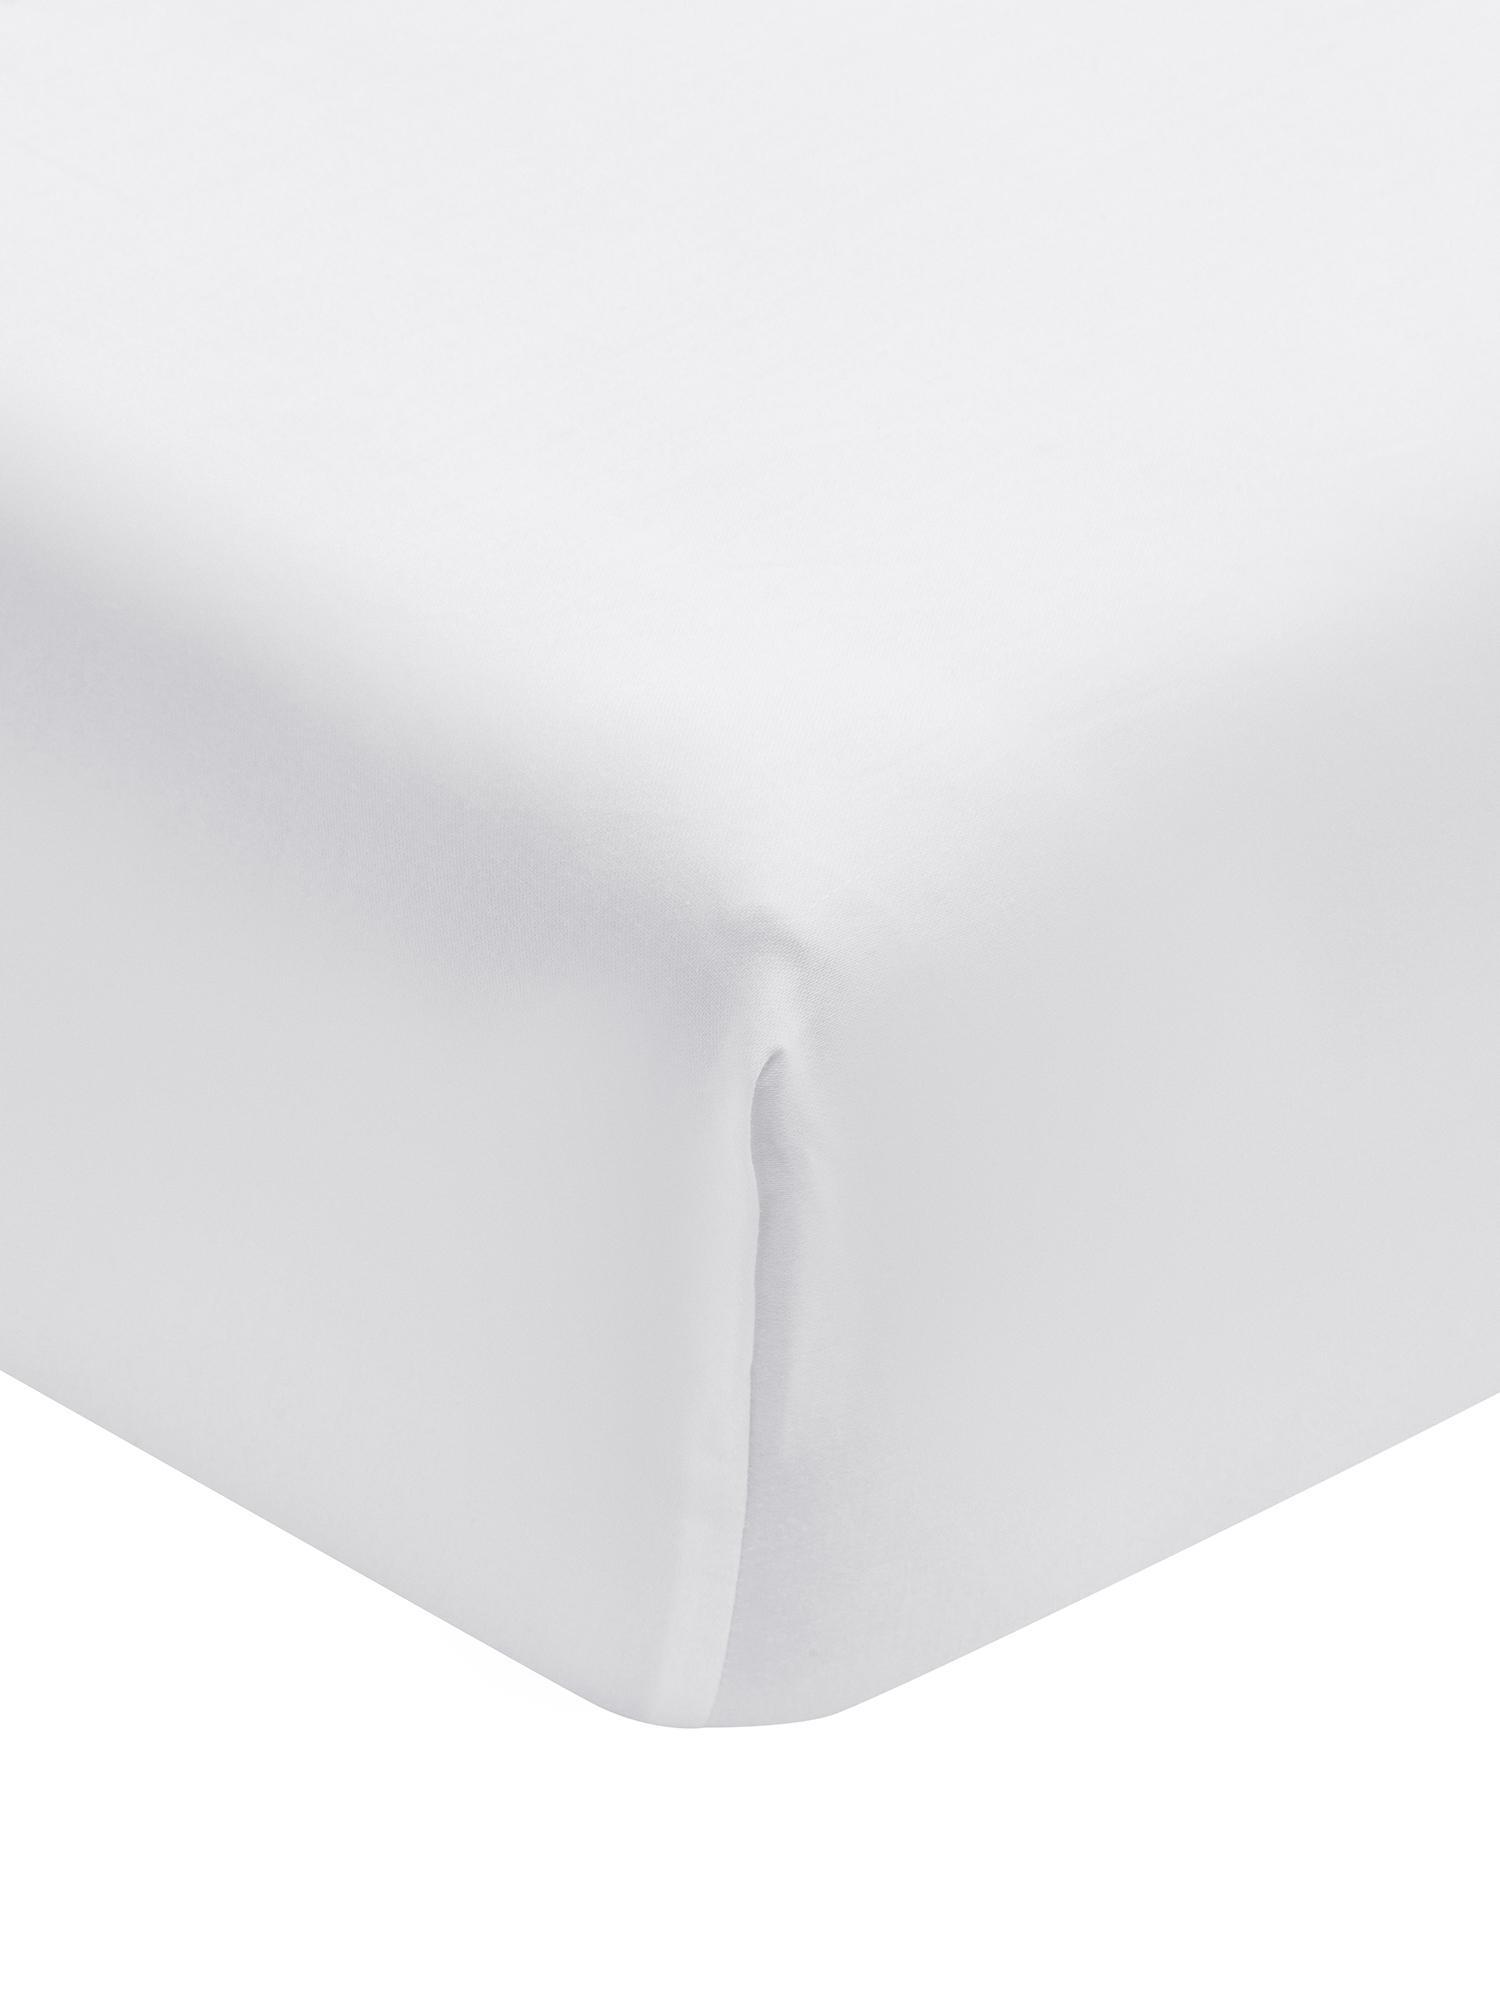 Spannbettlaken Premium in Weiß, Baumwollsatin, Webart: Satin, leicht glänzend, Weiß, 90 x 200 cm